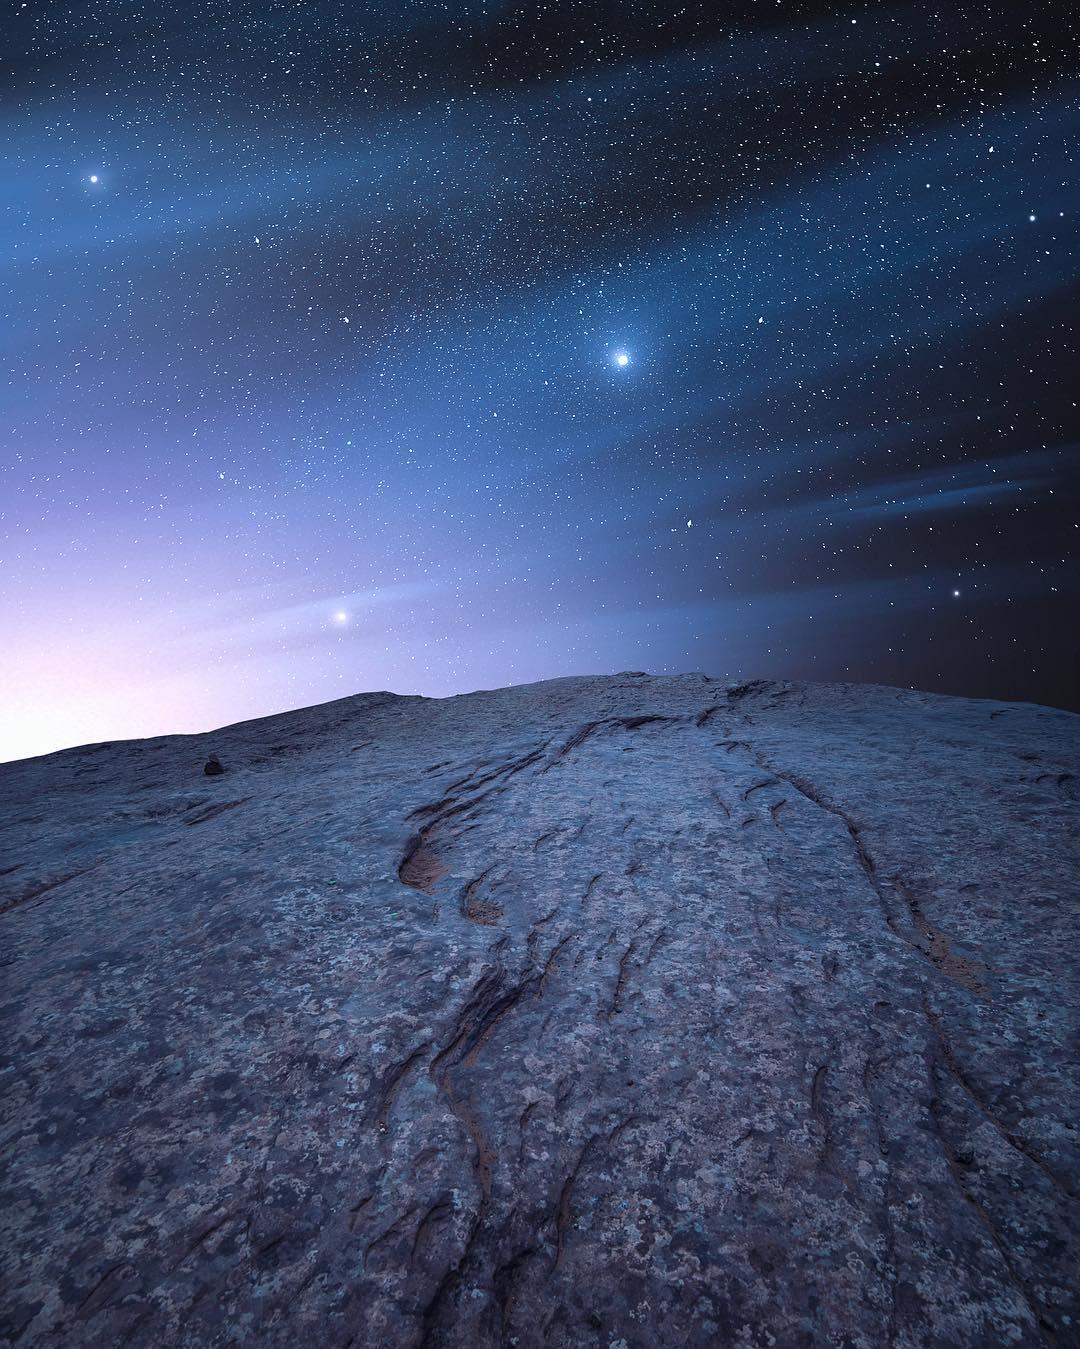 Ночные пейзажи и астрофотографии от фотографа Jaxson Pohlman